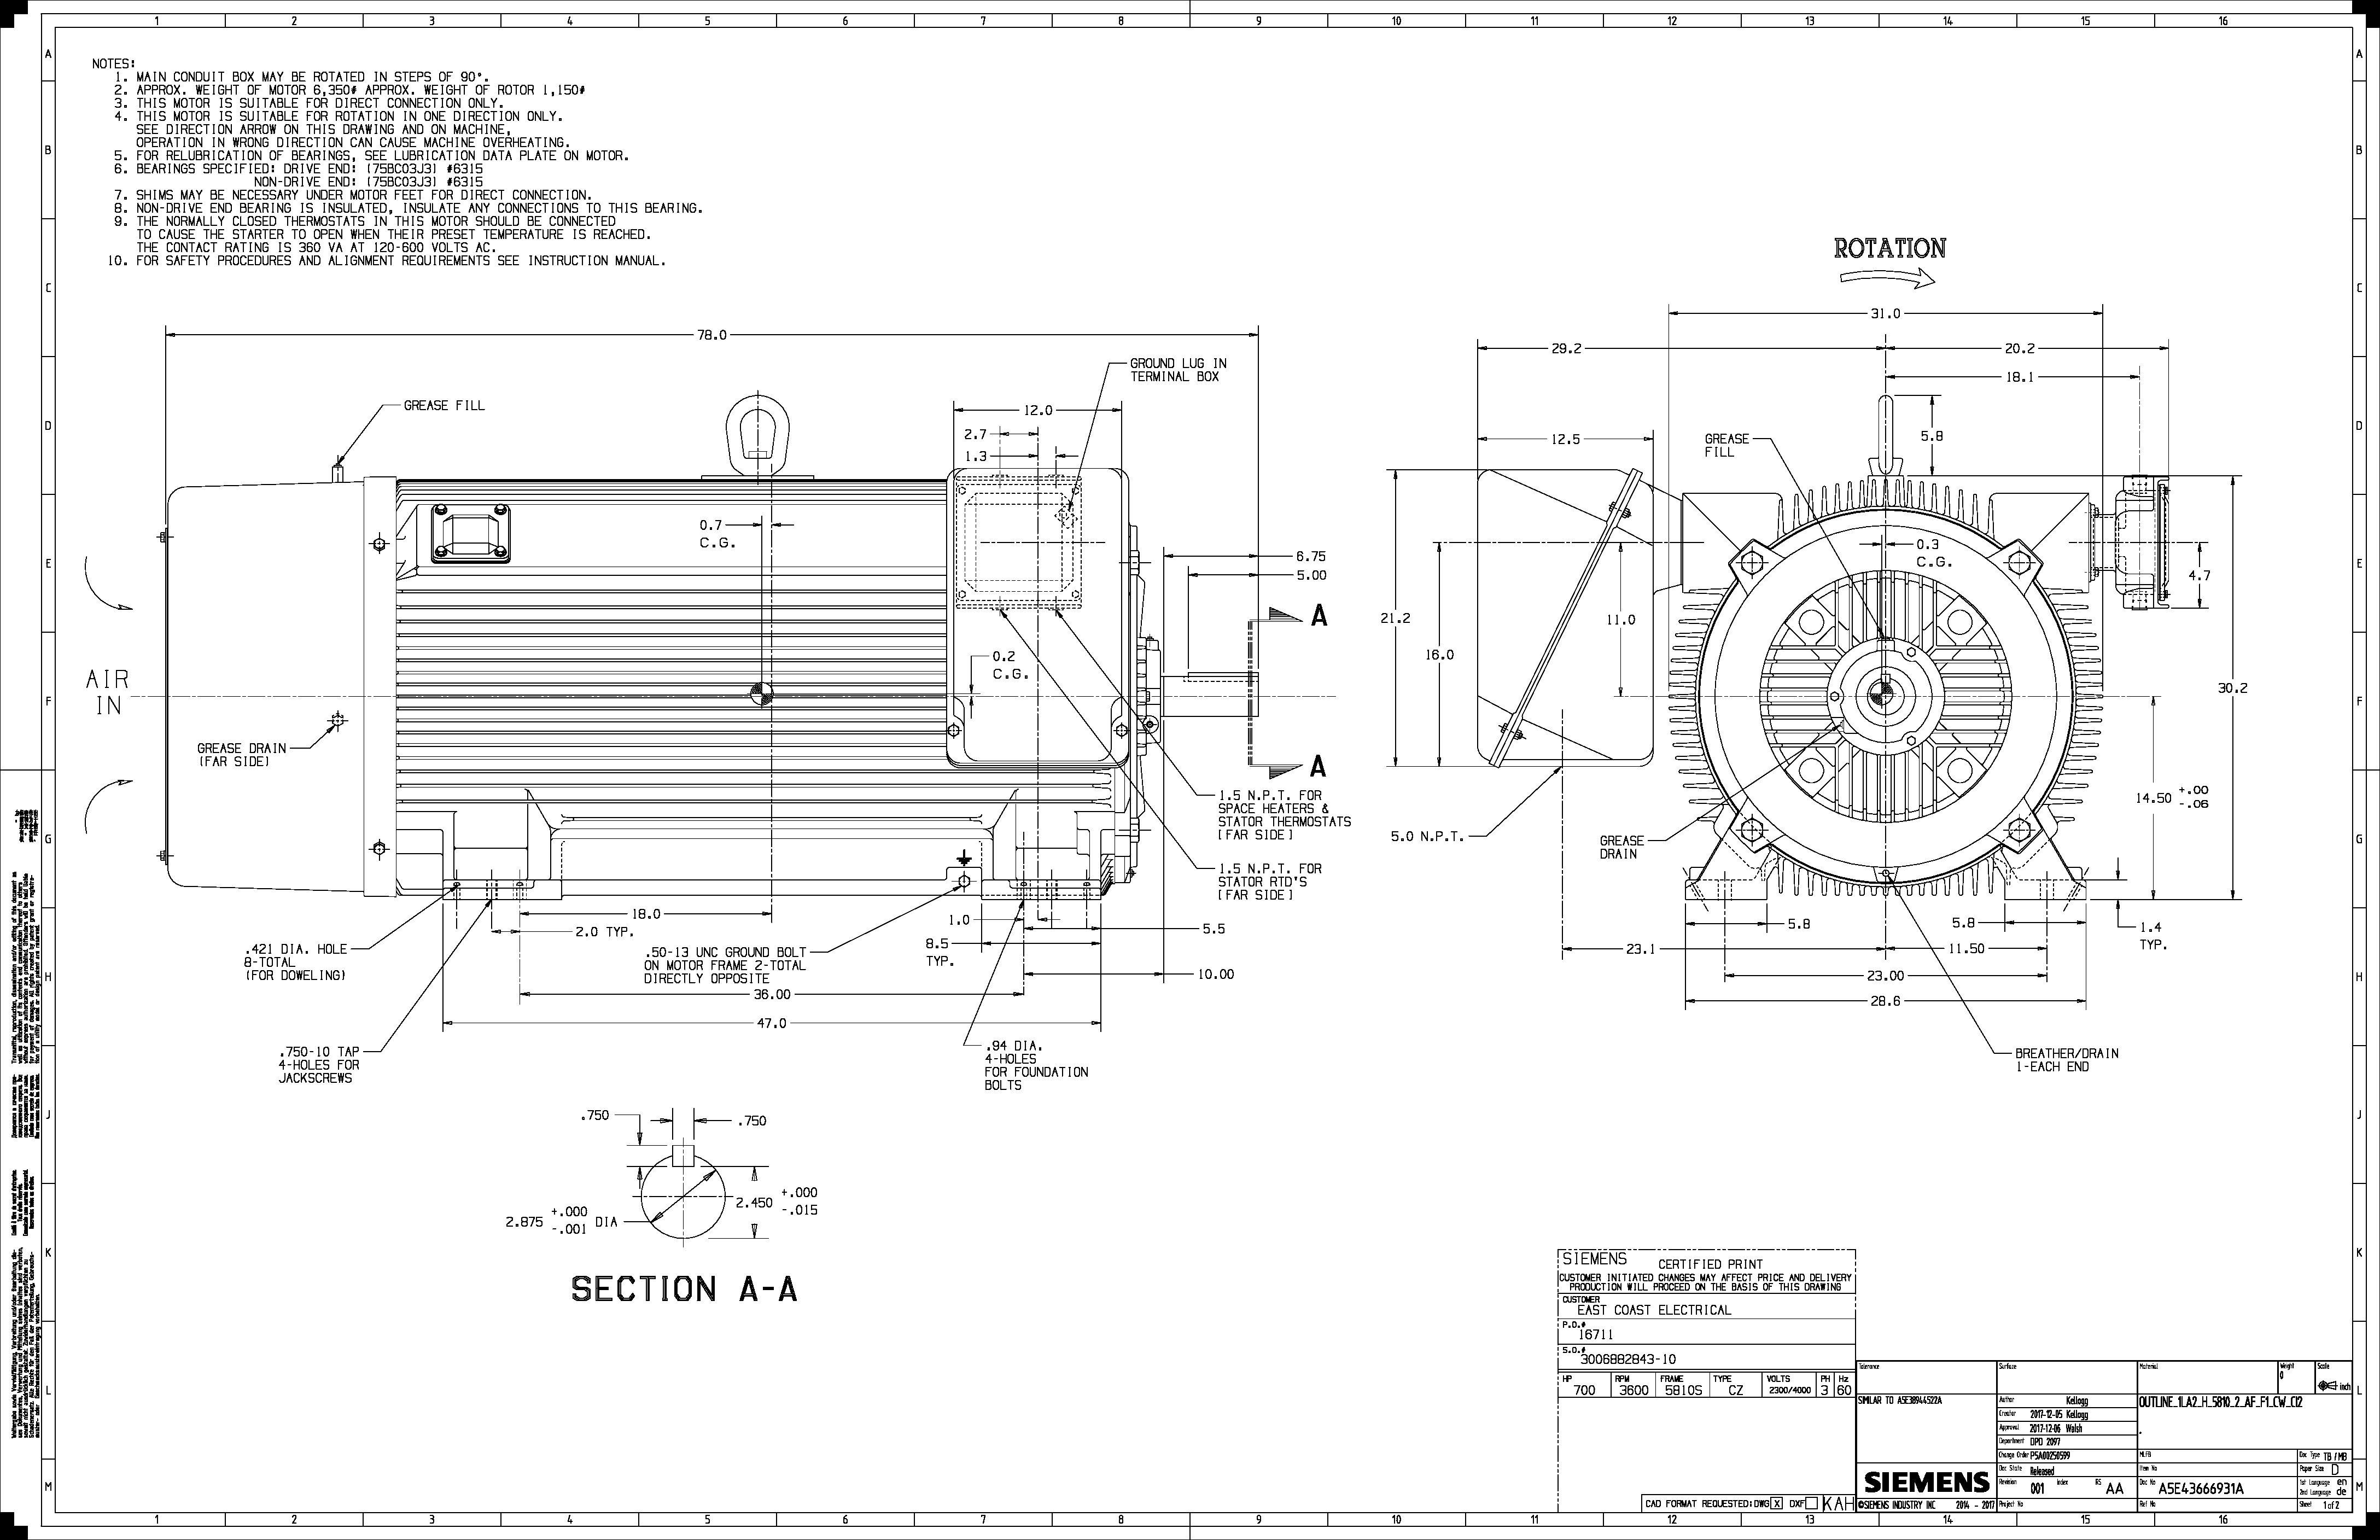 600 Hp Rpm Siemens Frame S Bbtefc V